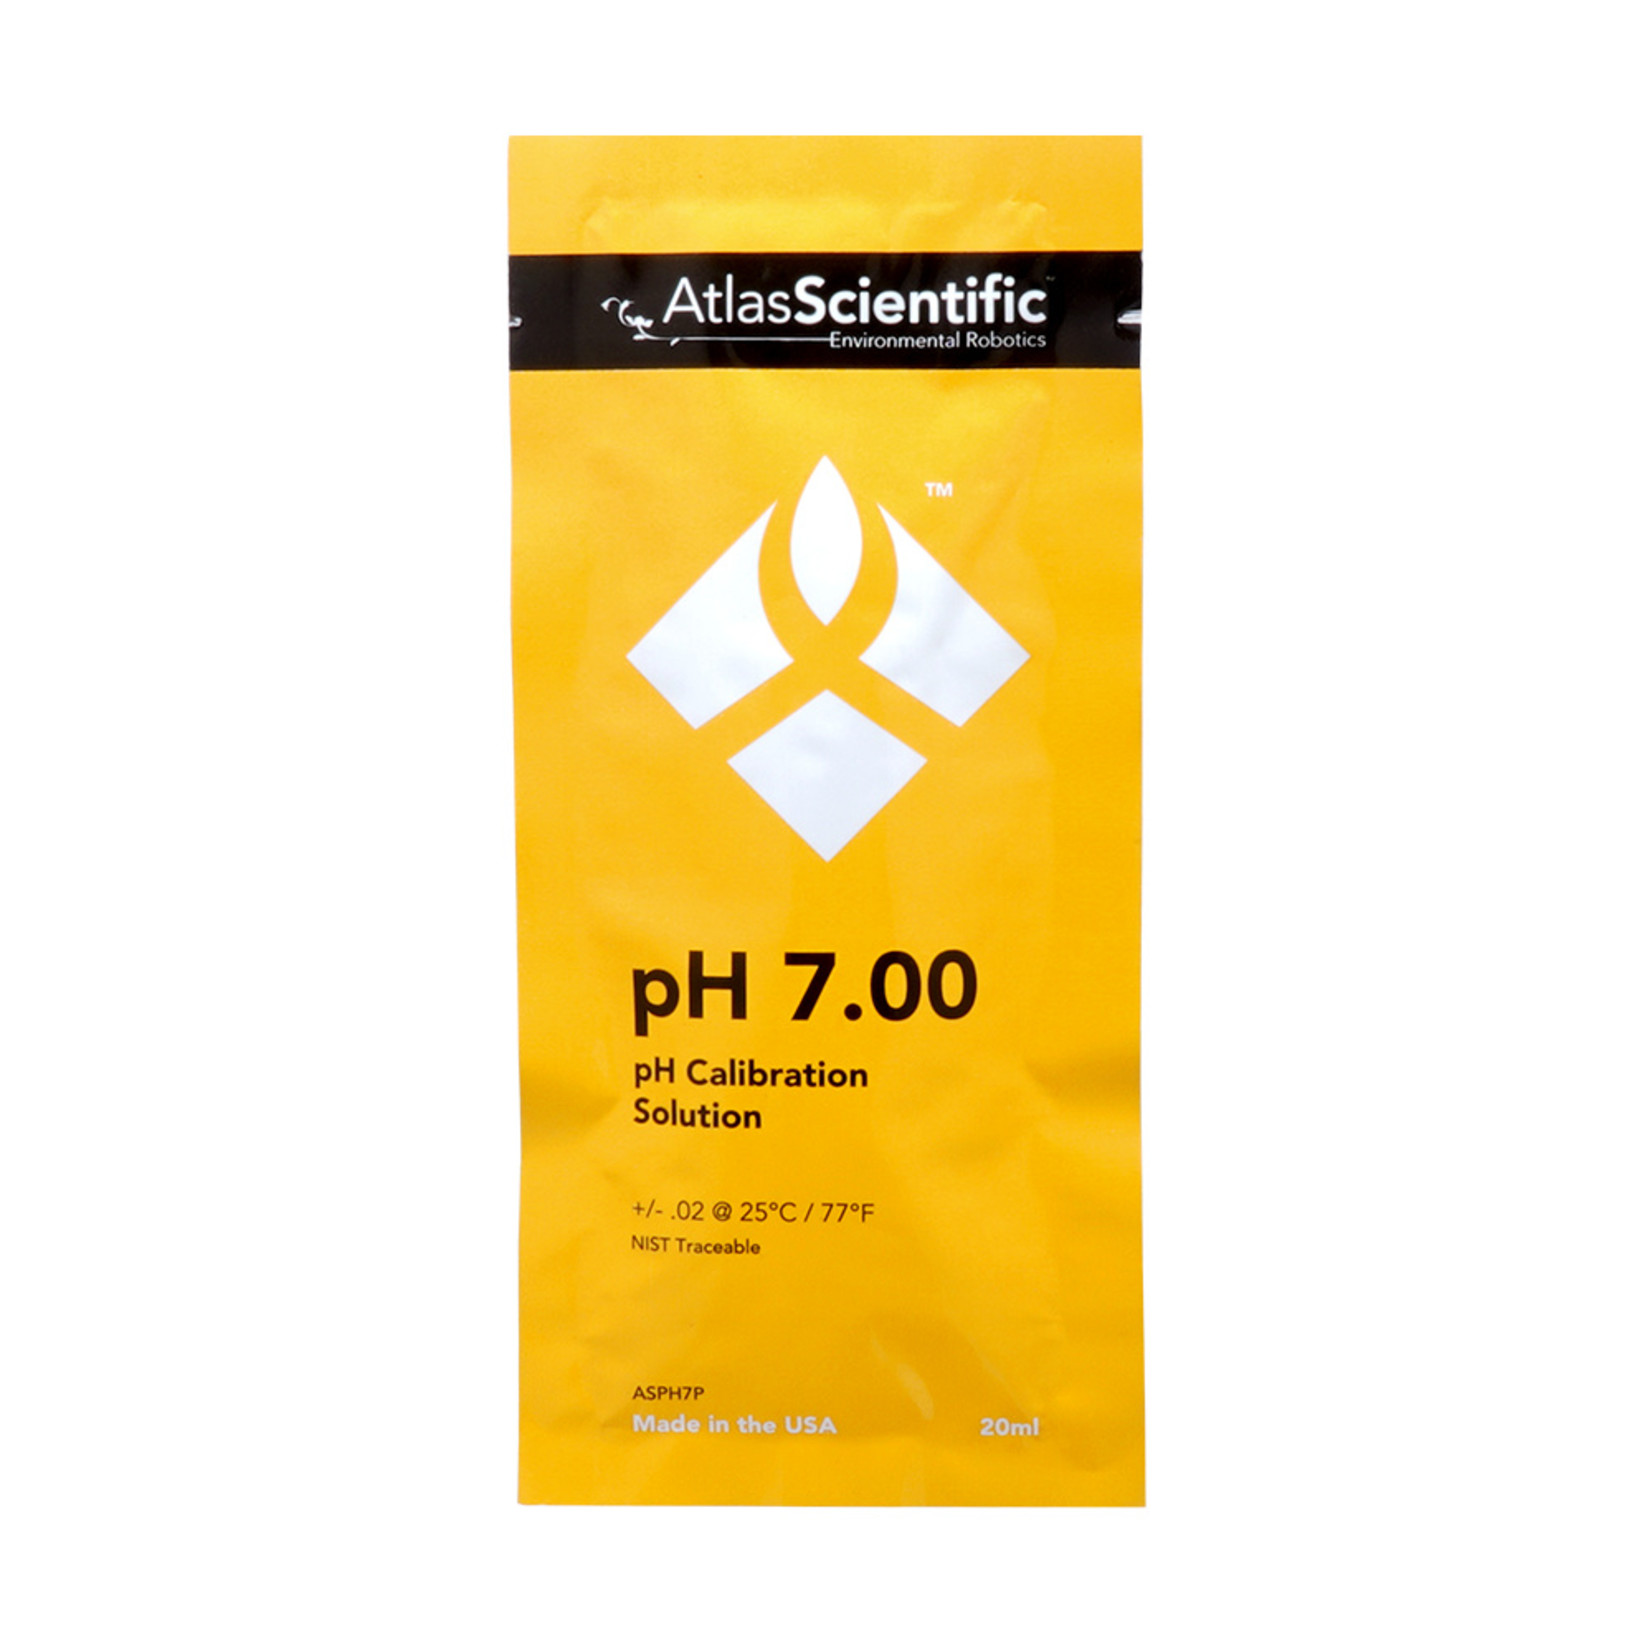 Atlas Scientific pH 7.00 kalibratieoplossing zakjes (Doos van 25)